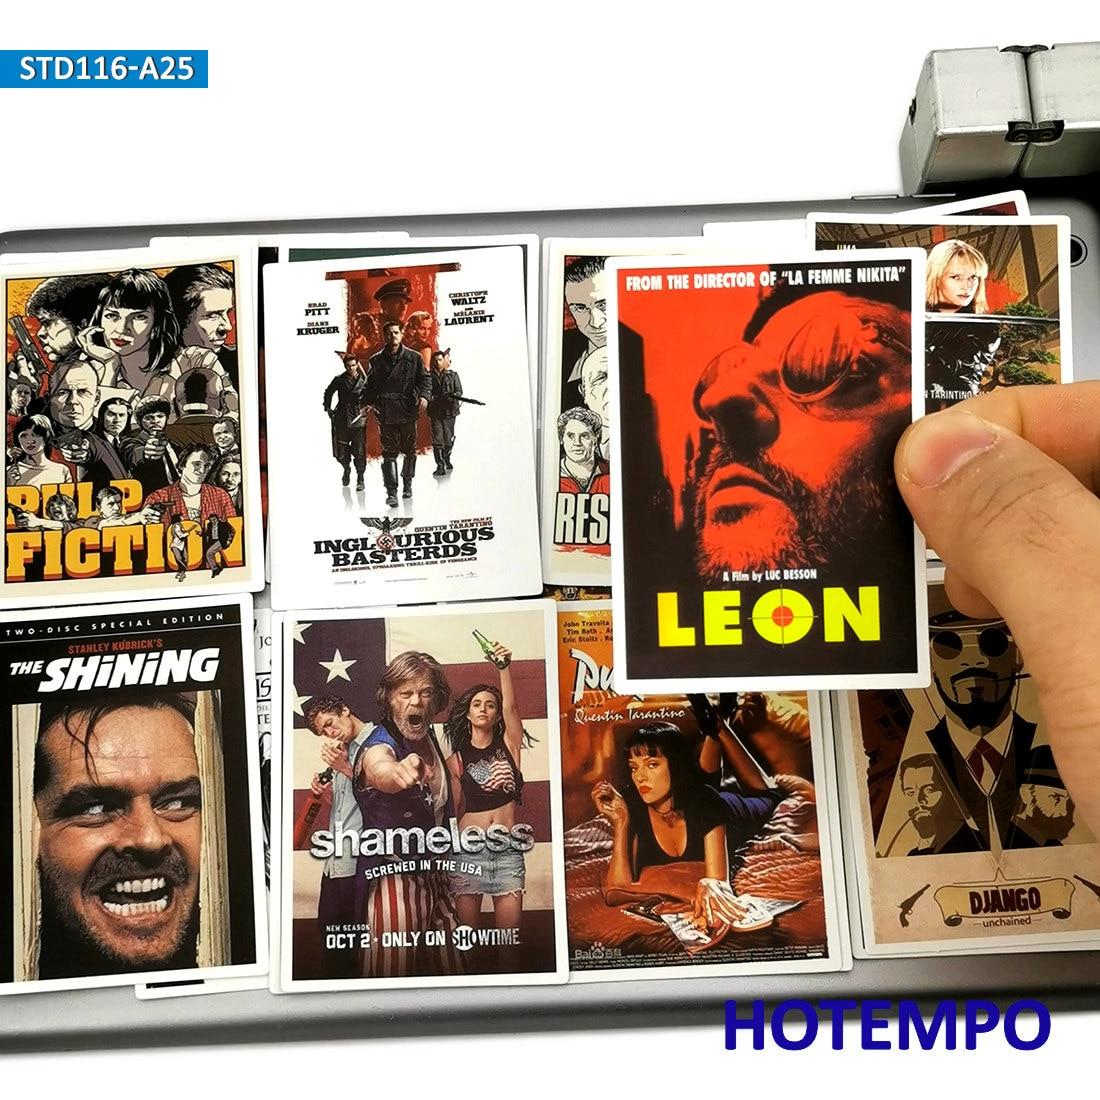 25 шт. Классические Постеры для фильмов наклейки целлюлоза фантастика Крестный отец для мобильного телефона ноутбук чемодан скейтборд модные наклейки|Наклейки|   | АлиЭкспресс